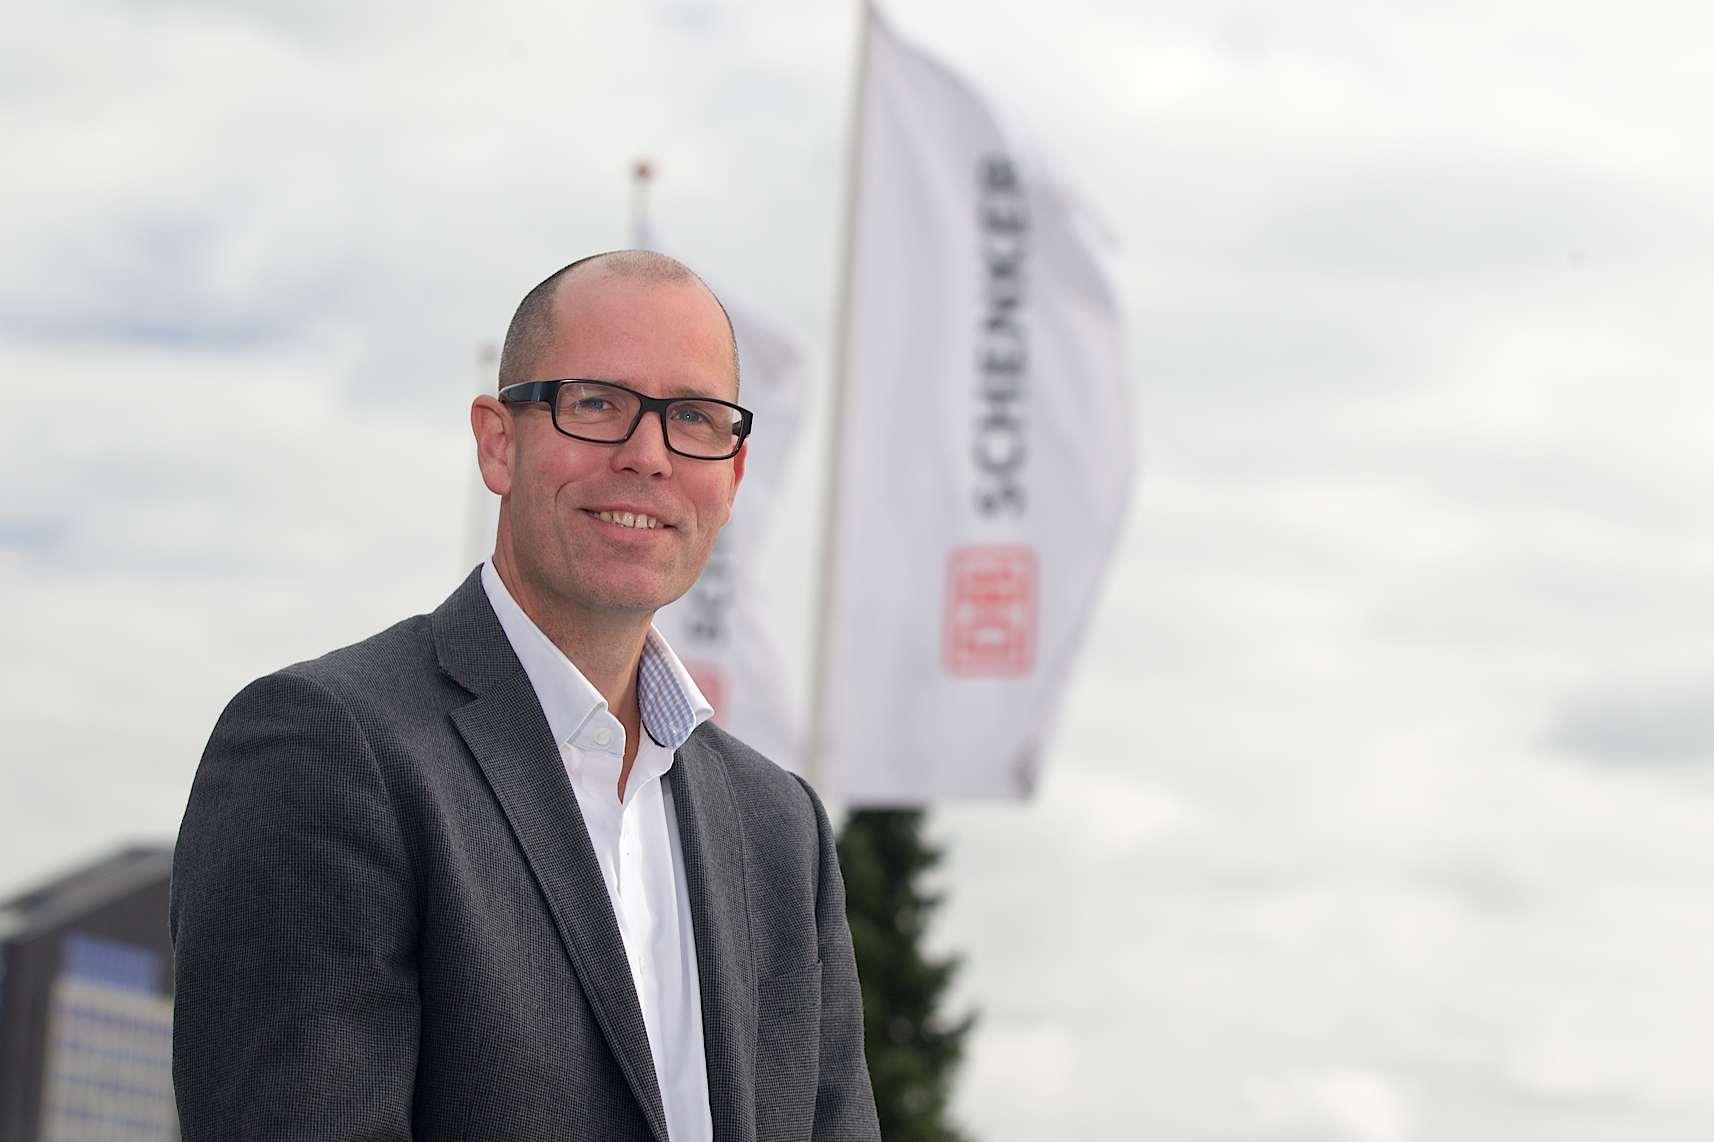 Pierre van Diesen new VP Land Transport at DB Schenker in Benelux